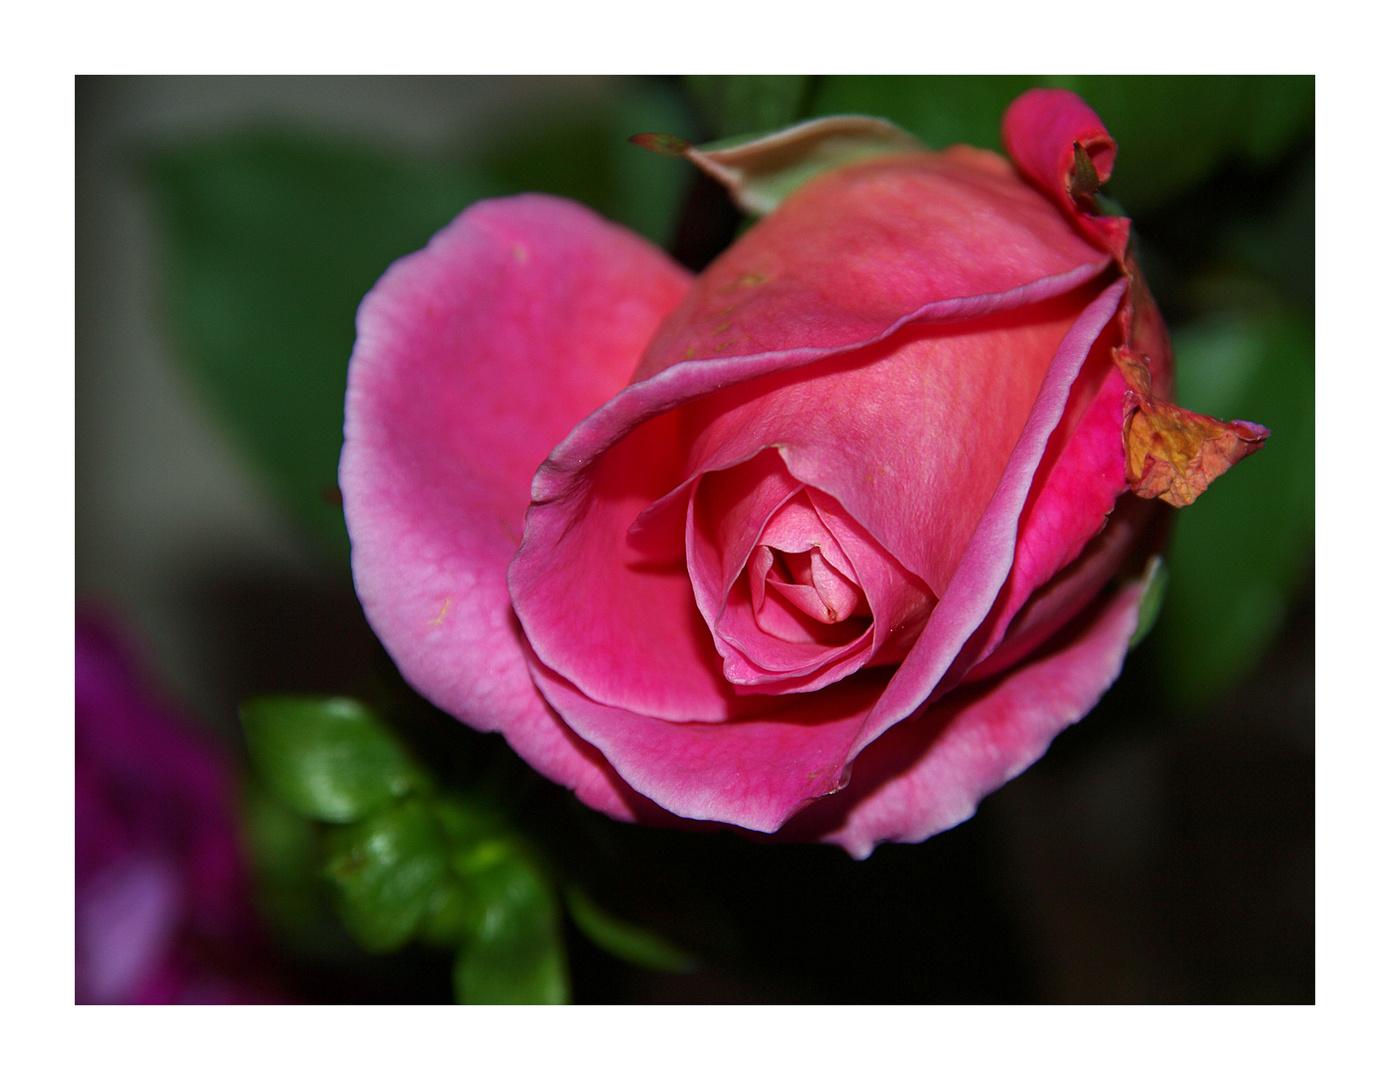 Rosen-gruss an alle die vielleicht bei mir reinschauen! Schönen sonntag wünscht euch noch - lucia